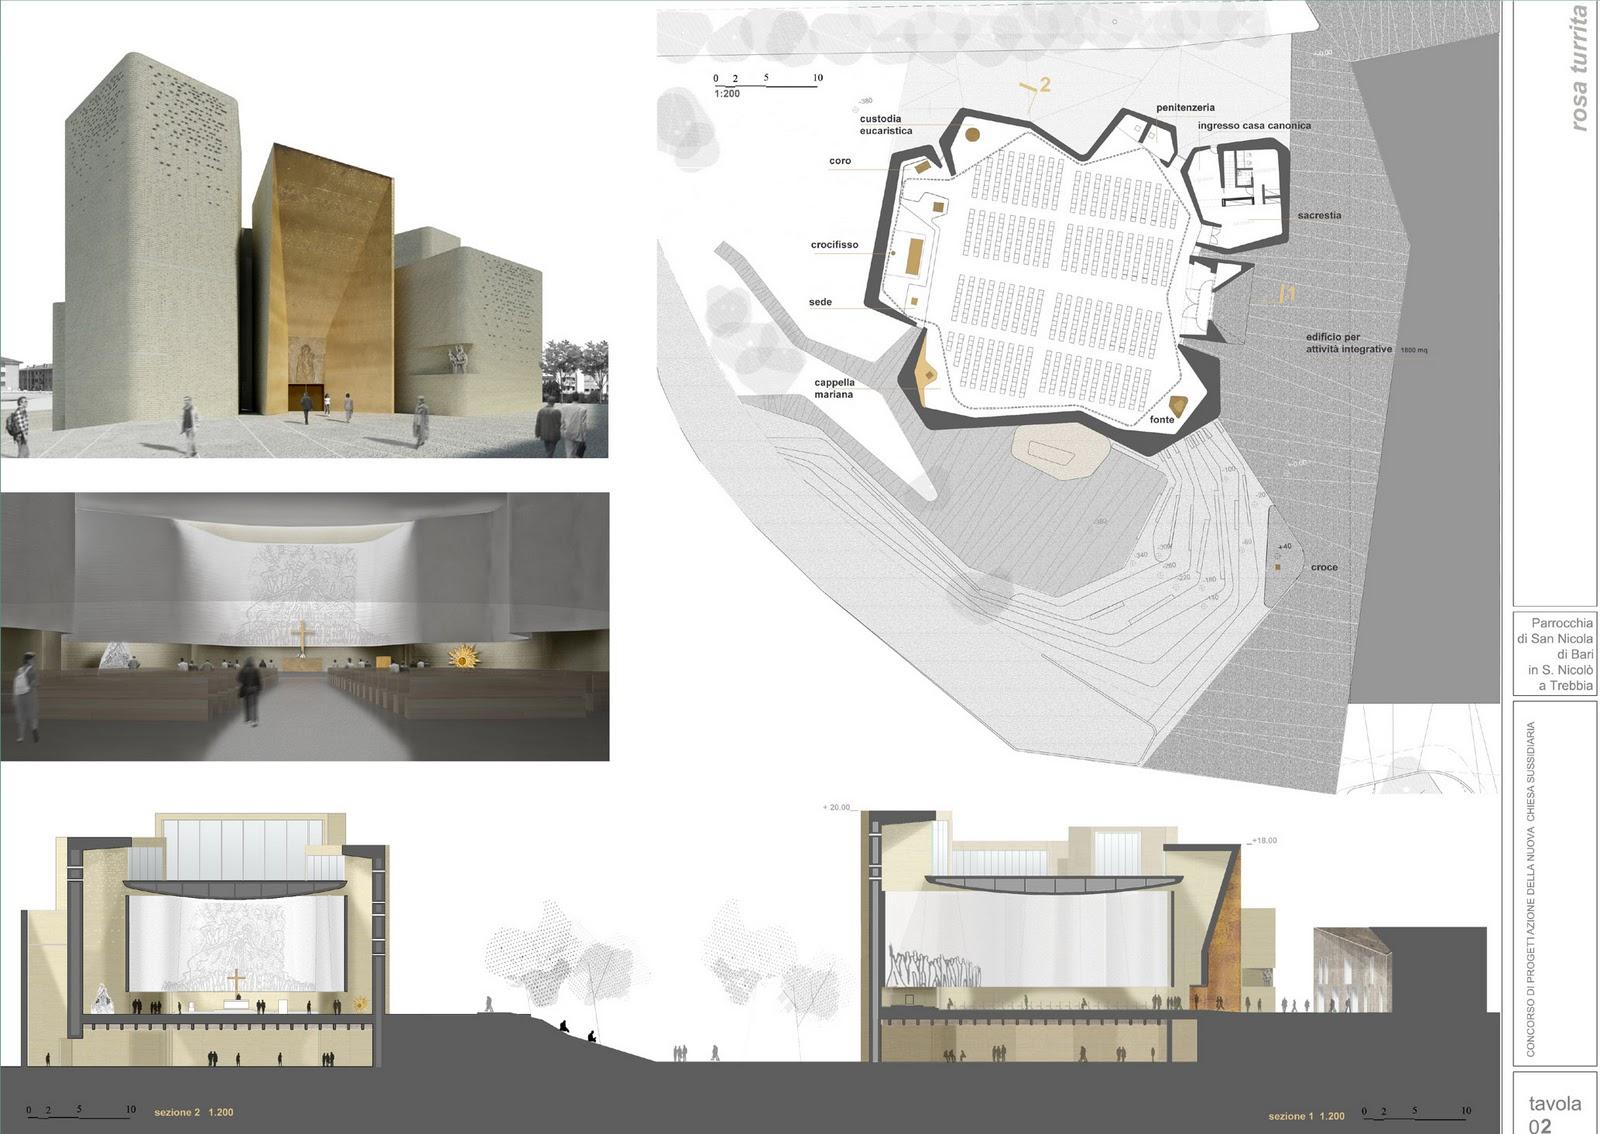 Arquitectura arte sacro y liturgia relazione del liturgista for Arquitectura sacro